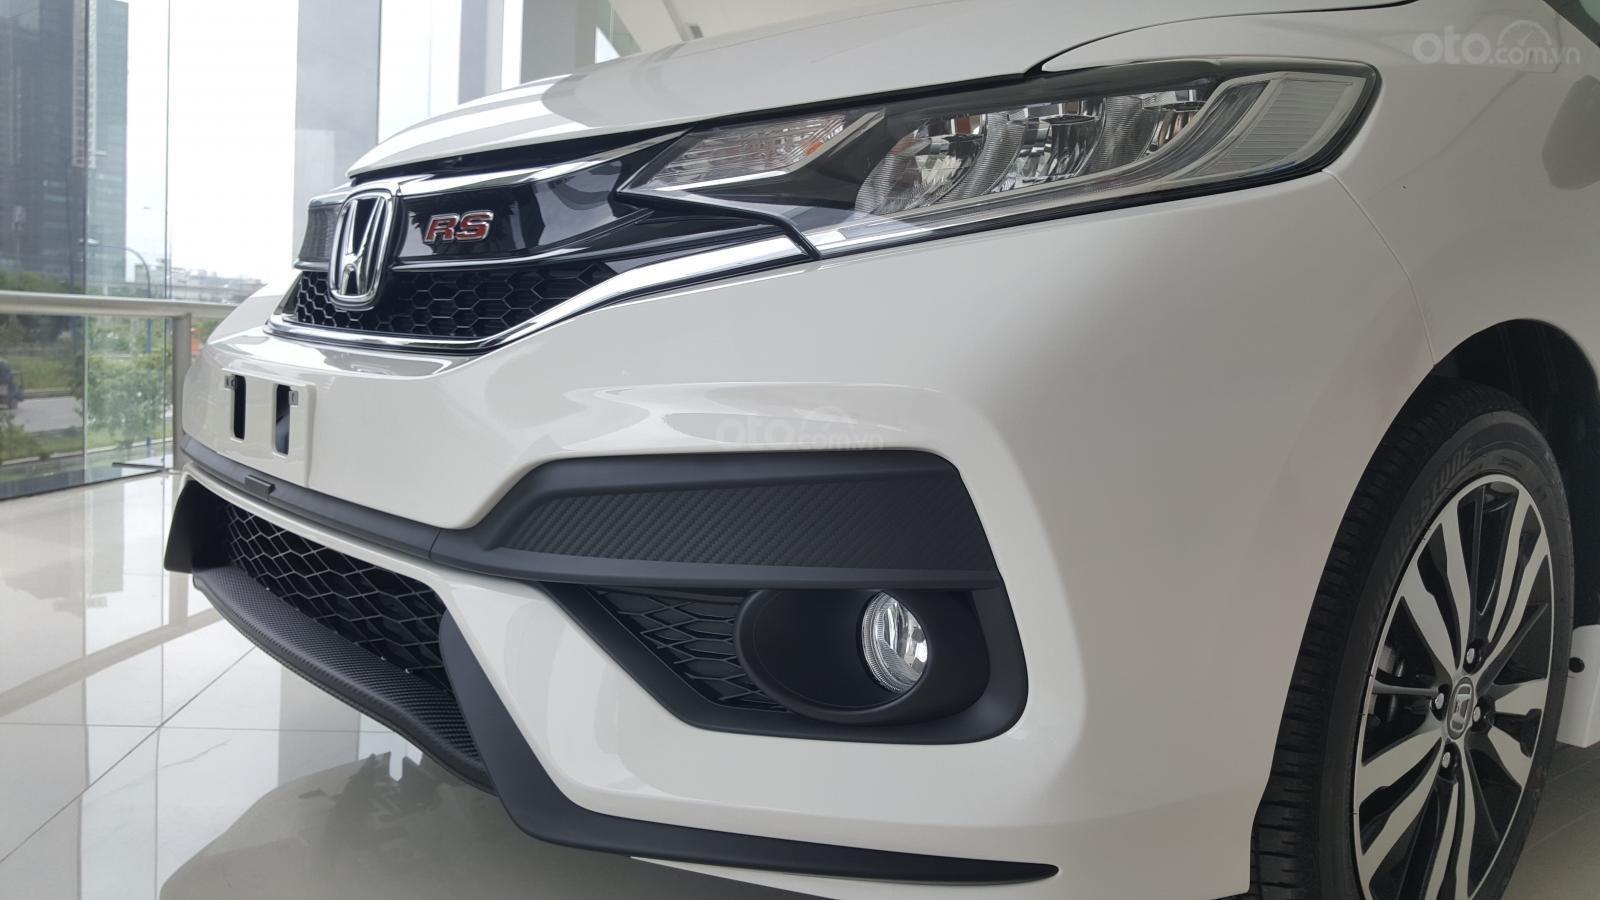 [SG] Bán Honda Jazz, màu trắng - Nhập Thái Lan - Tặng hơn 100 triệu - xin LH: 0901.898.383-5